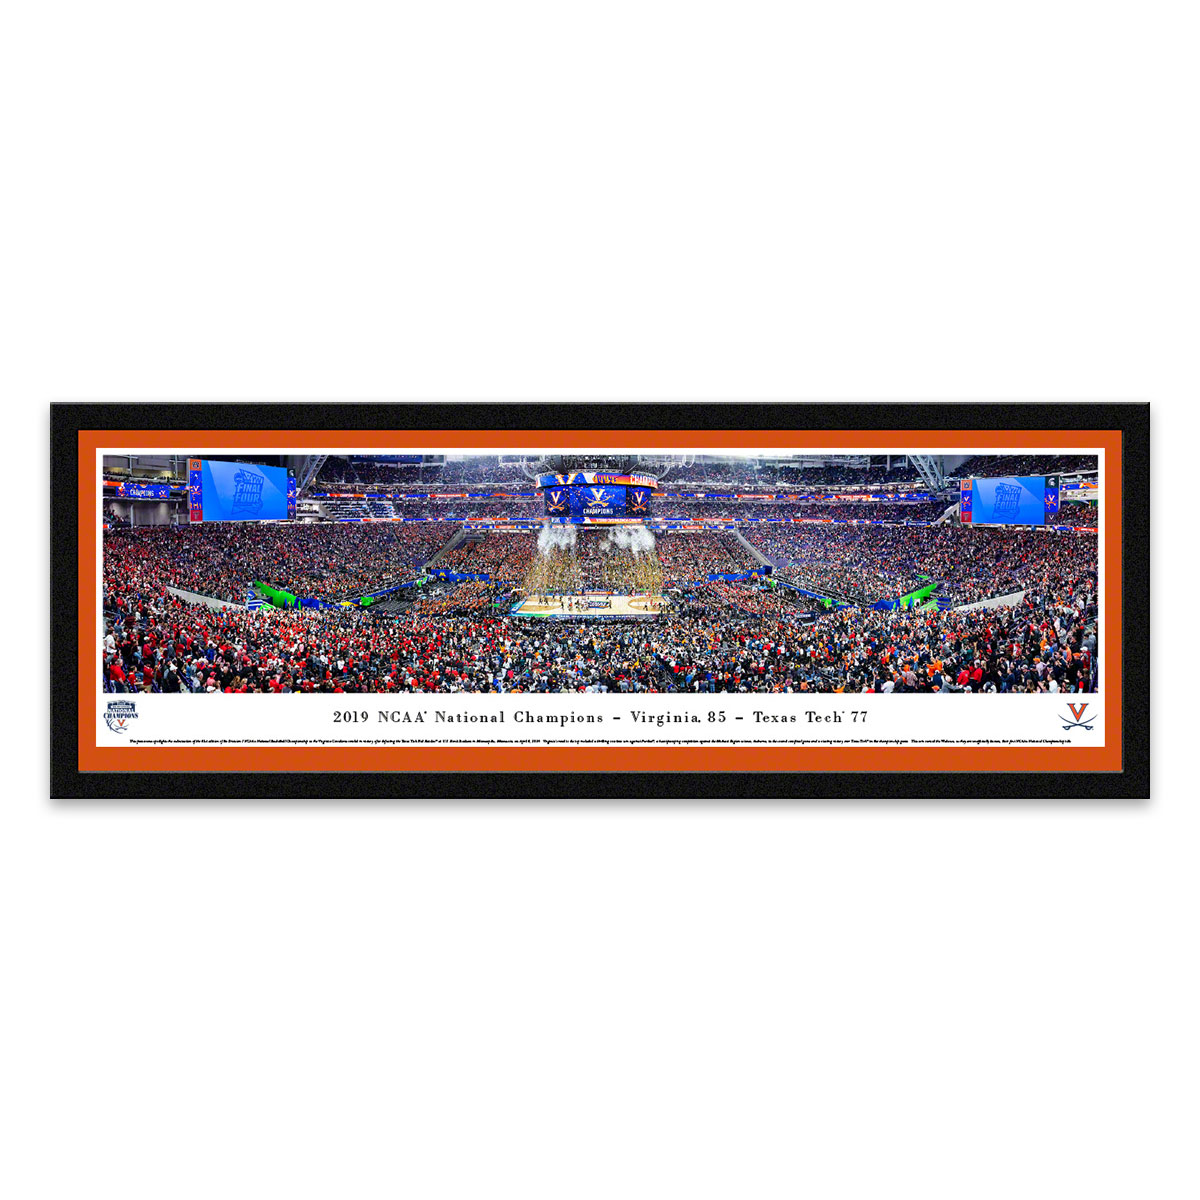 2019 UVA NCAA Champions Framed Panoramic Image With Orange Matting